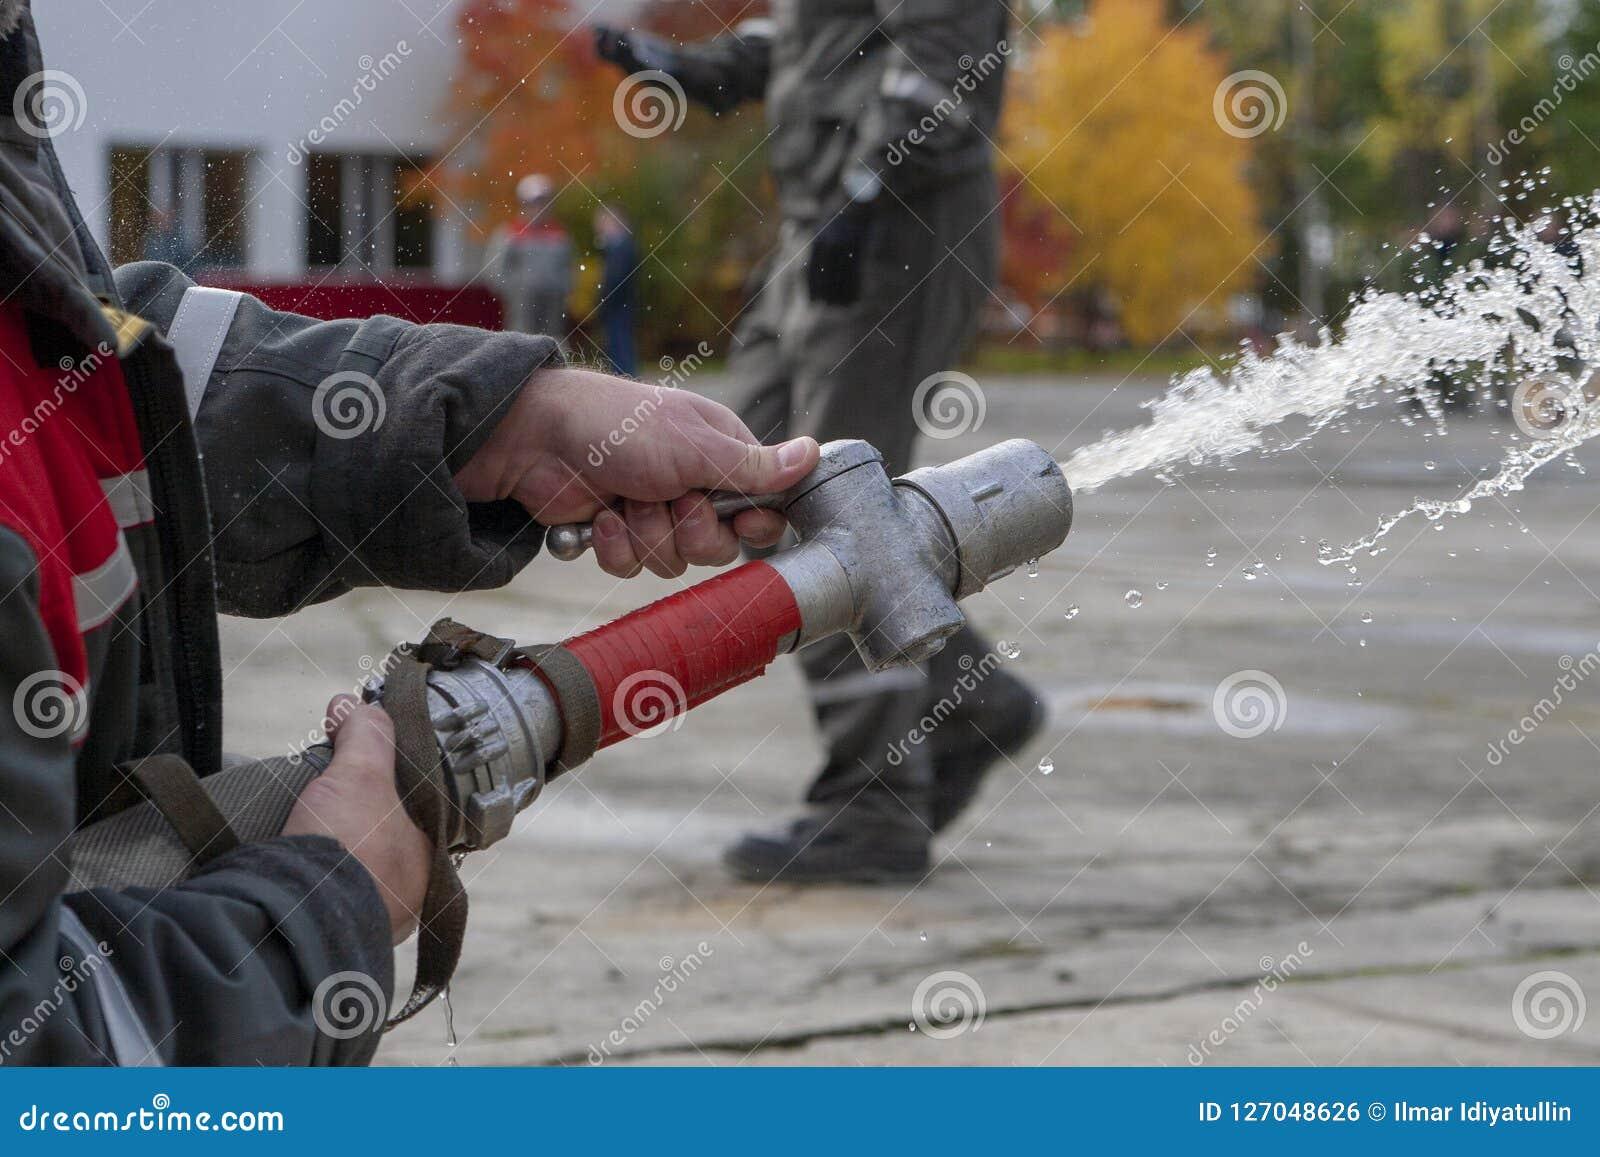 De brandbestrijders bespuiten water tijdens een opleidingsoefening